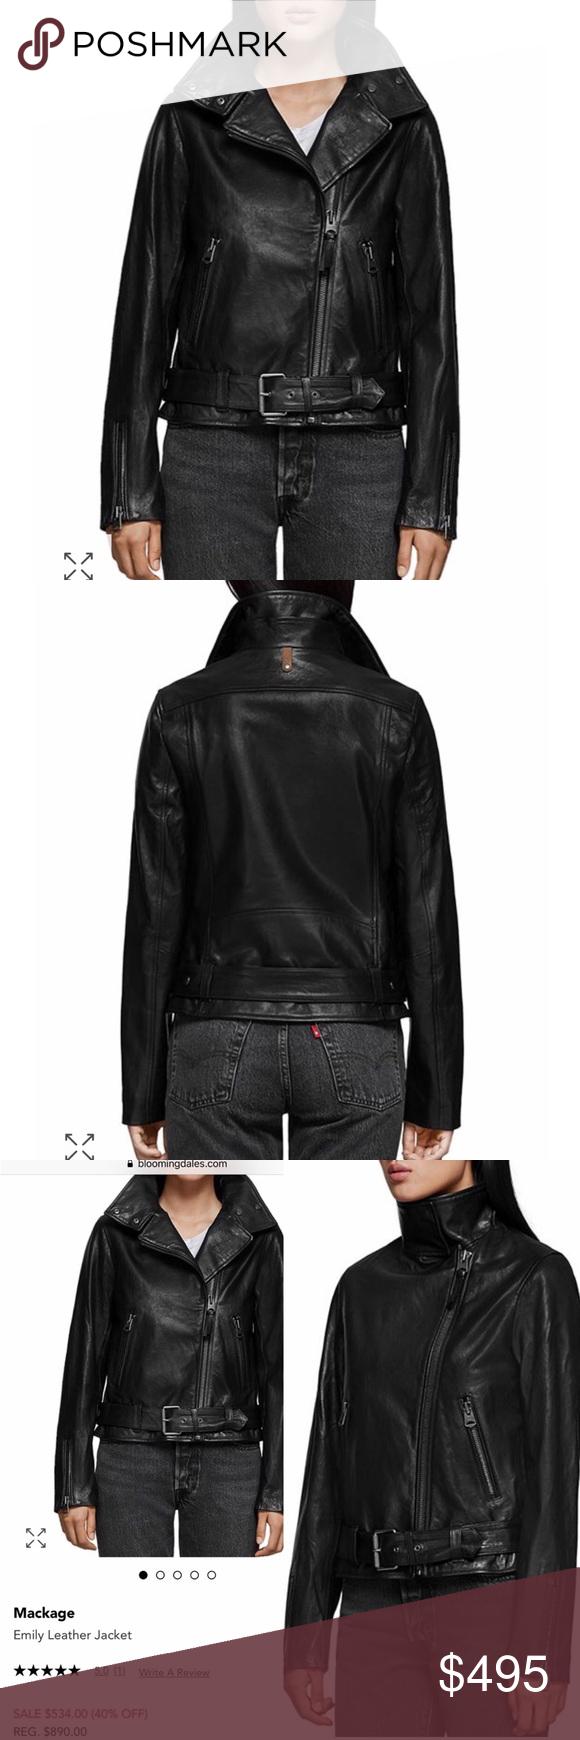 Mackage Emily Lambskin Leather Moto Jacket This Mackage Lambskin Leather Jacket Is Chic And Stylish Gorgeo Leather Moto Jacket Lambskin Leather Mackage Jacket